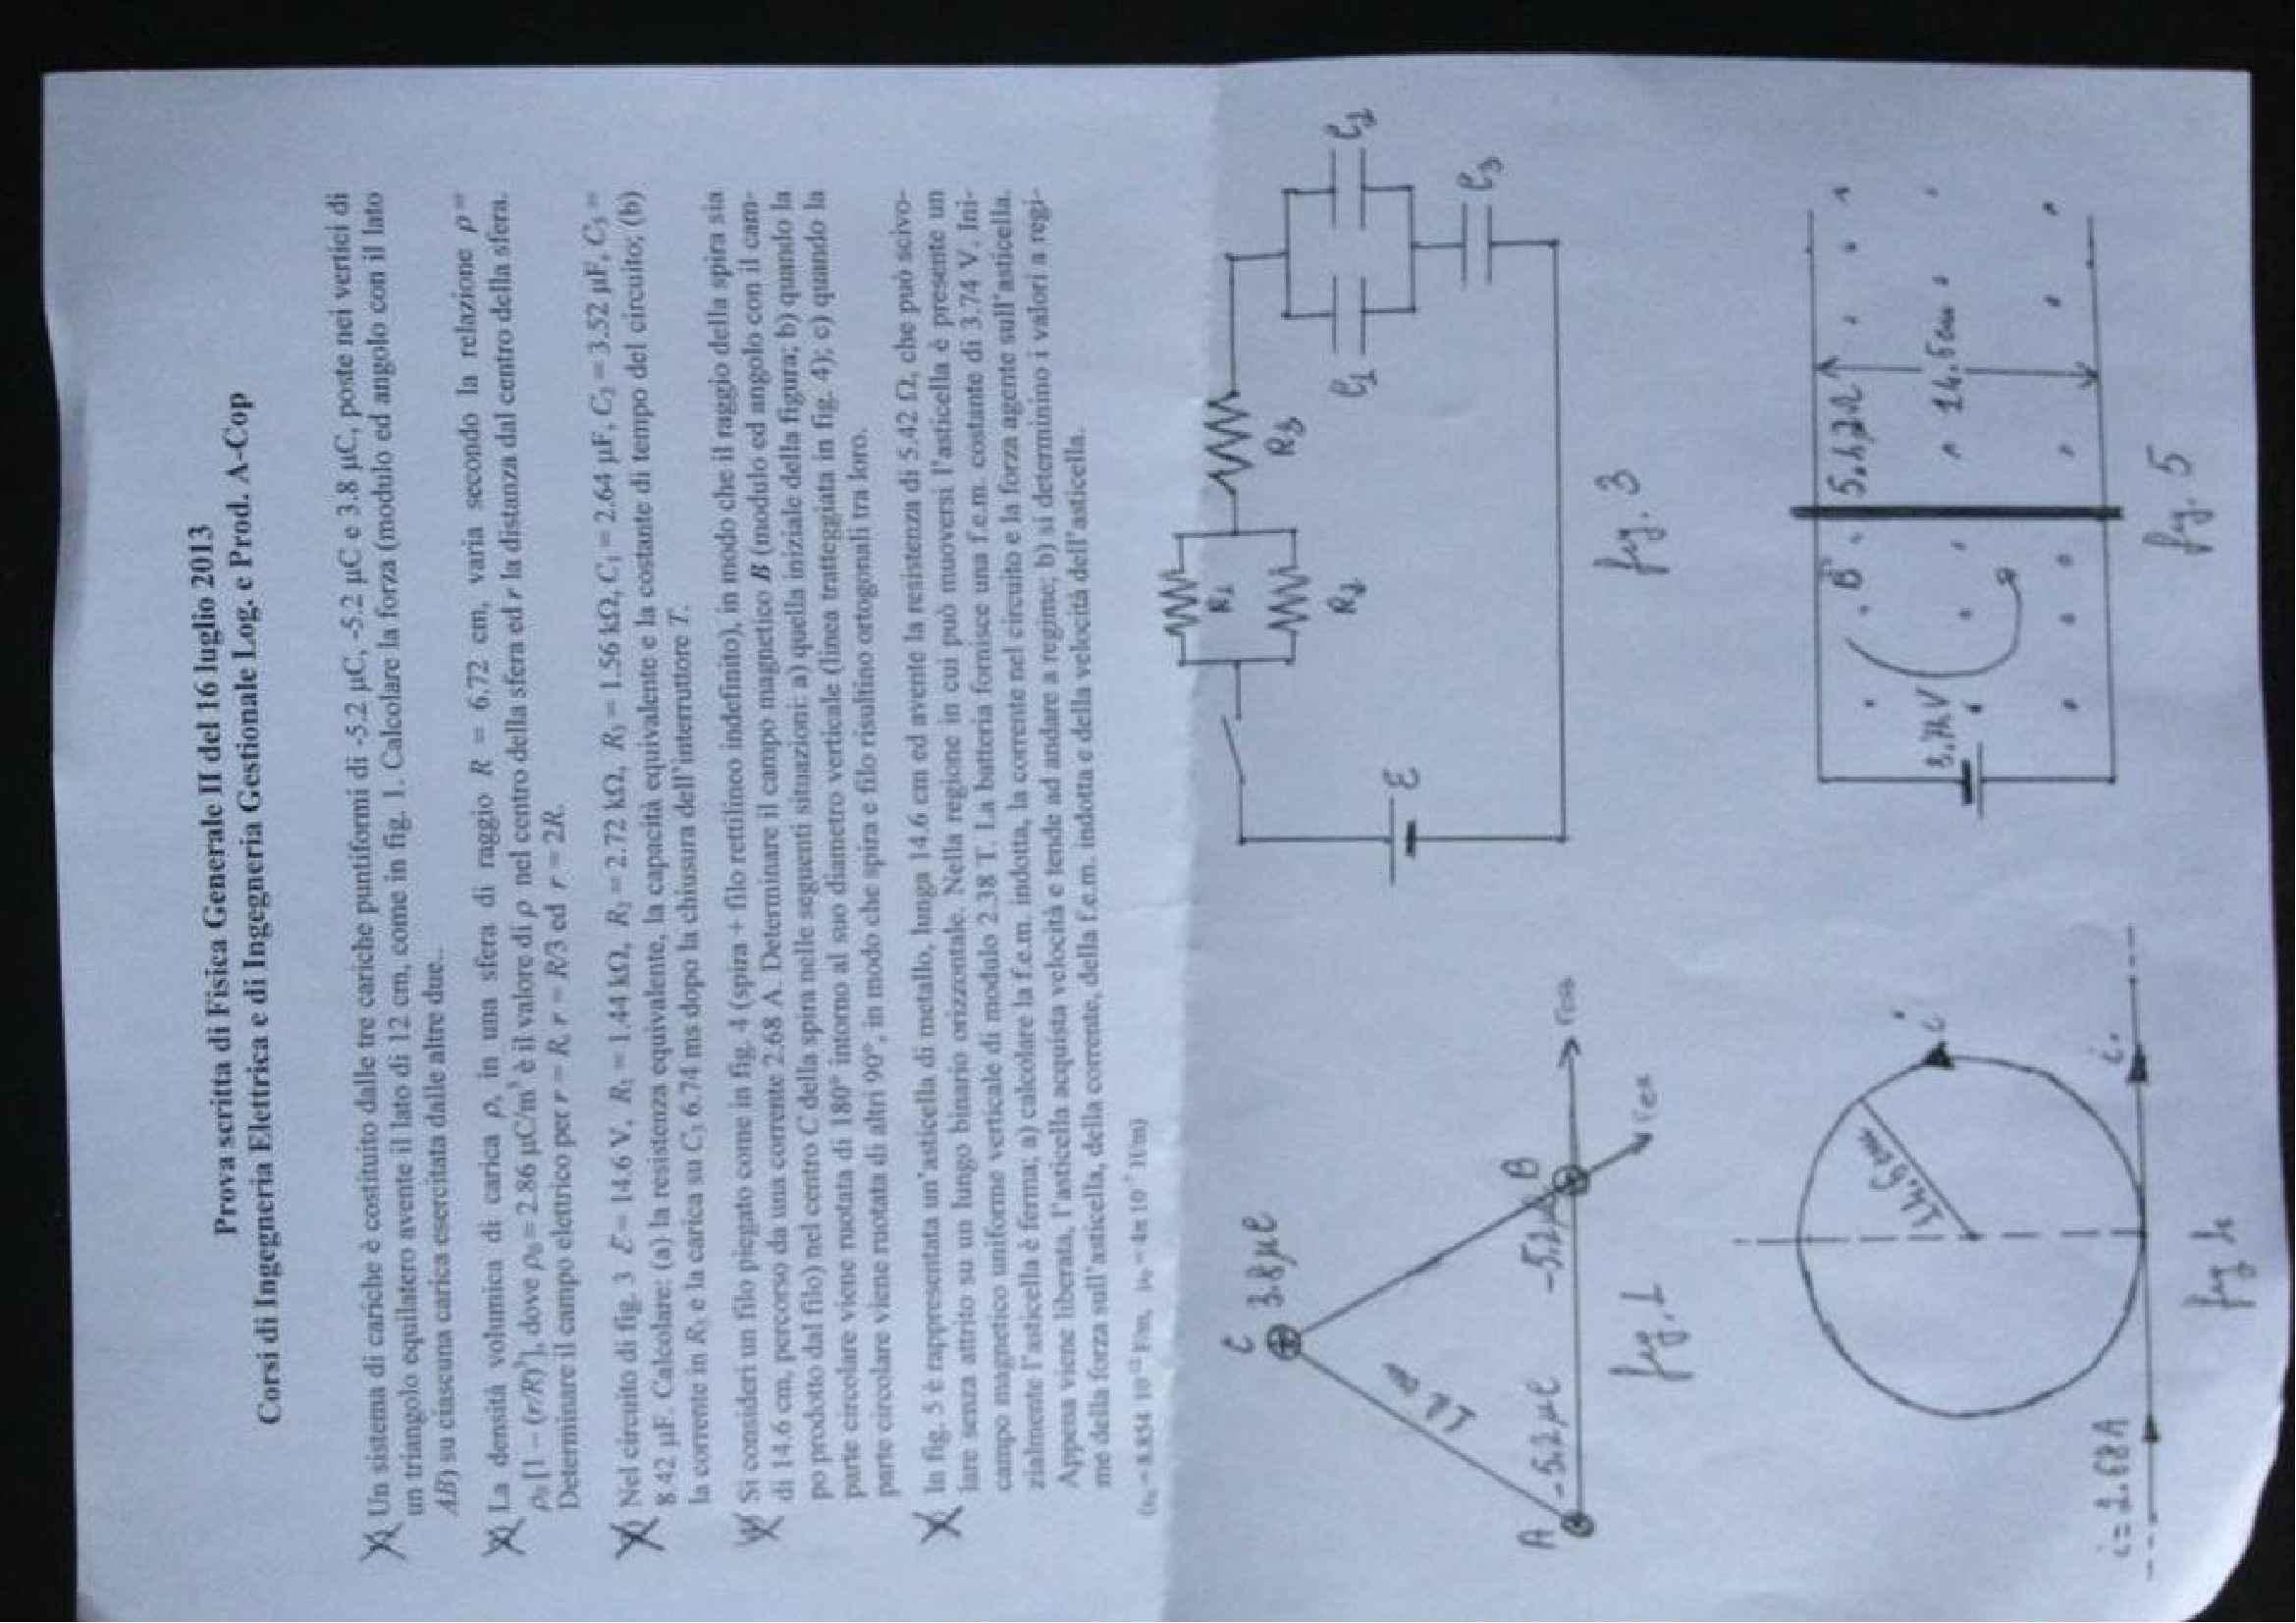 Ingegneria Gestionale - Fisica generale